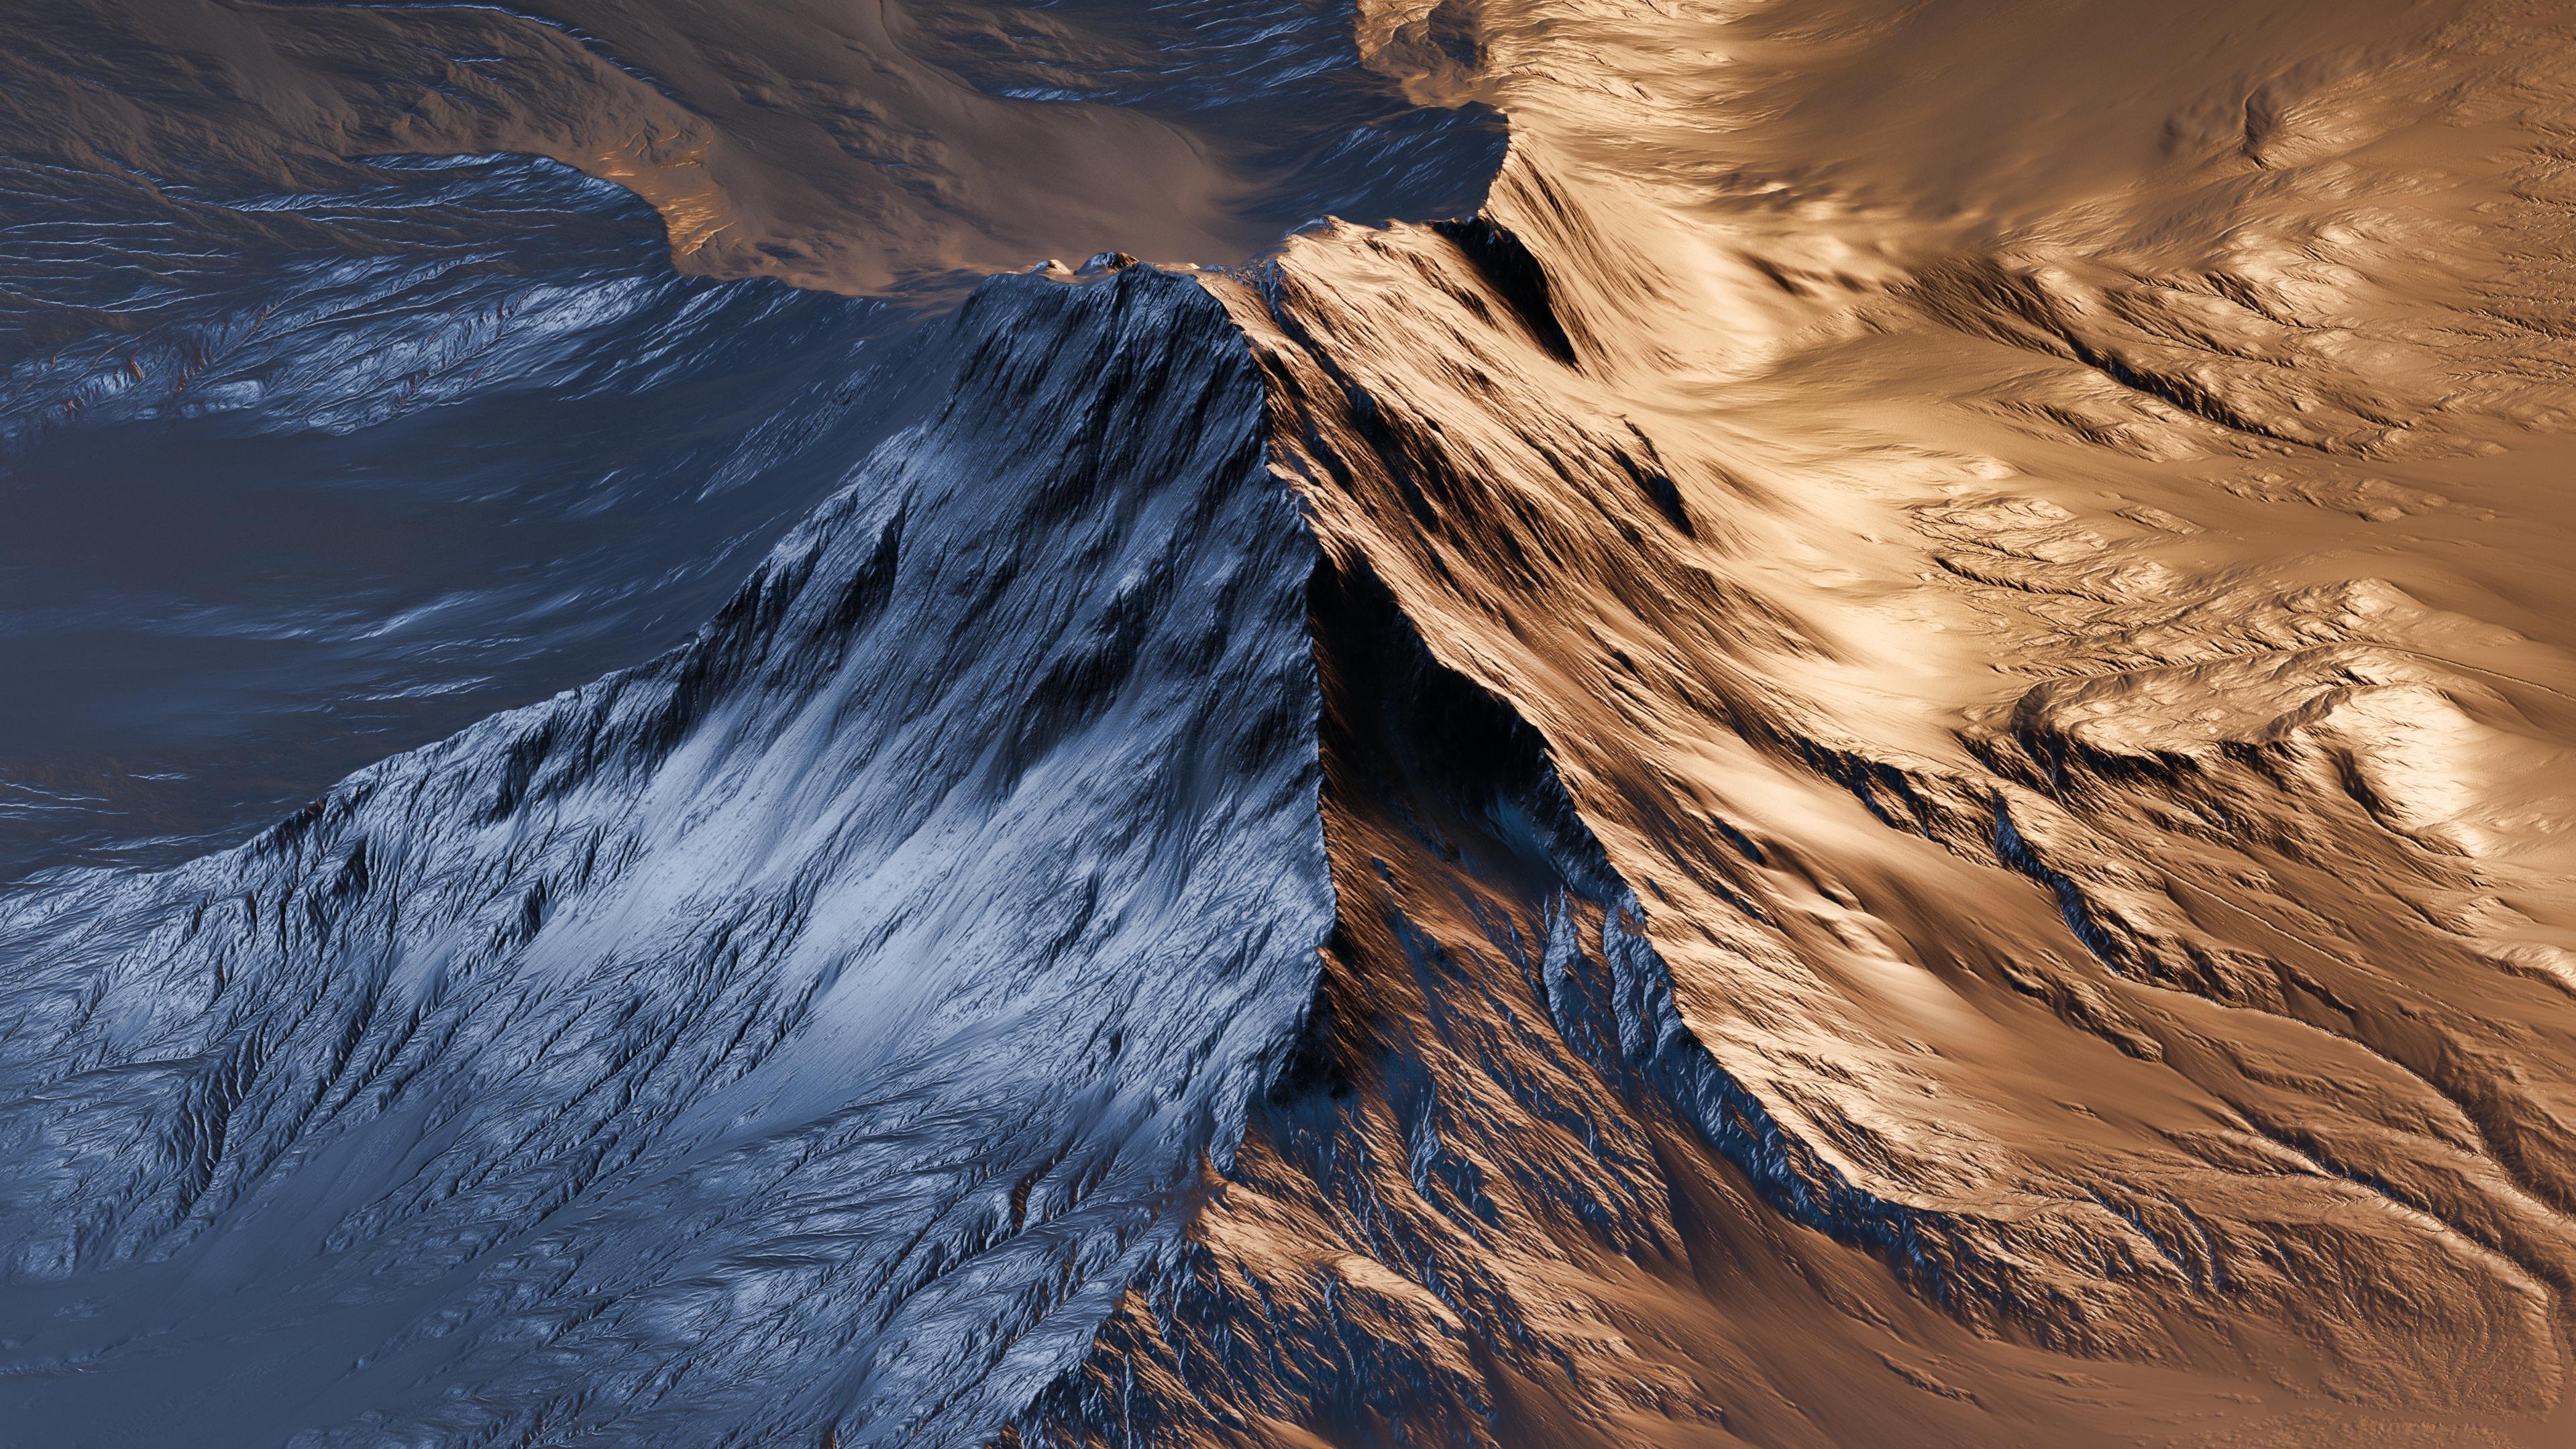 Iron Mountain wallpaper